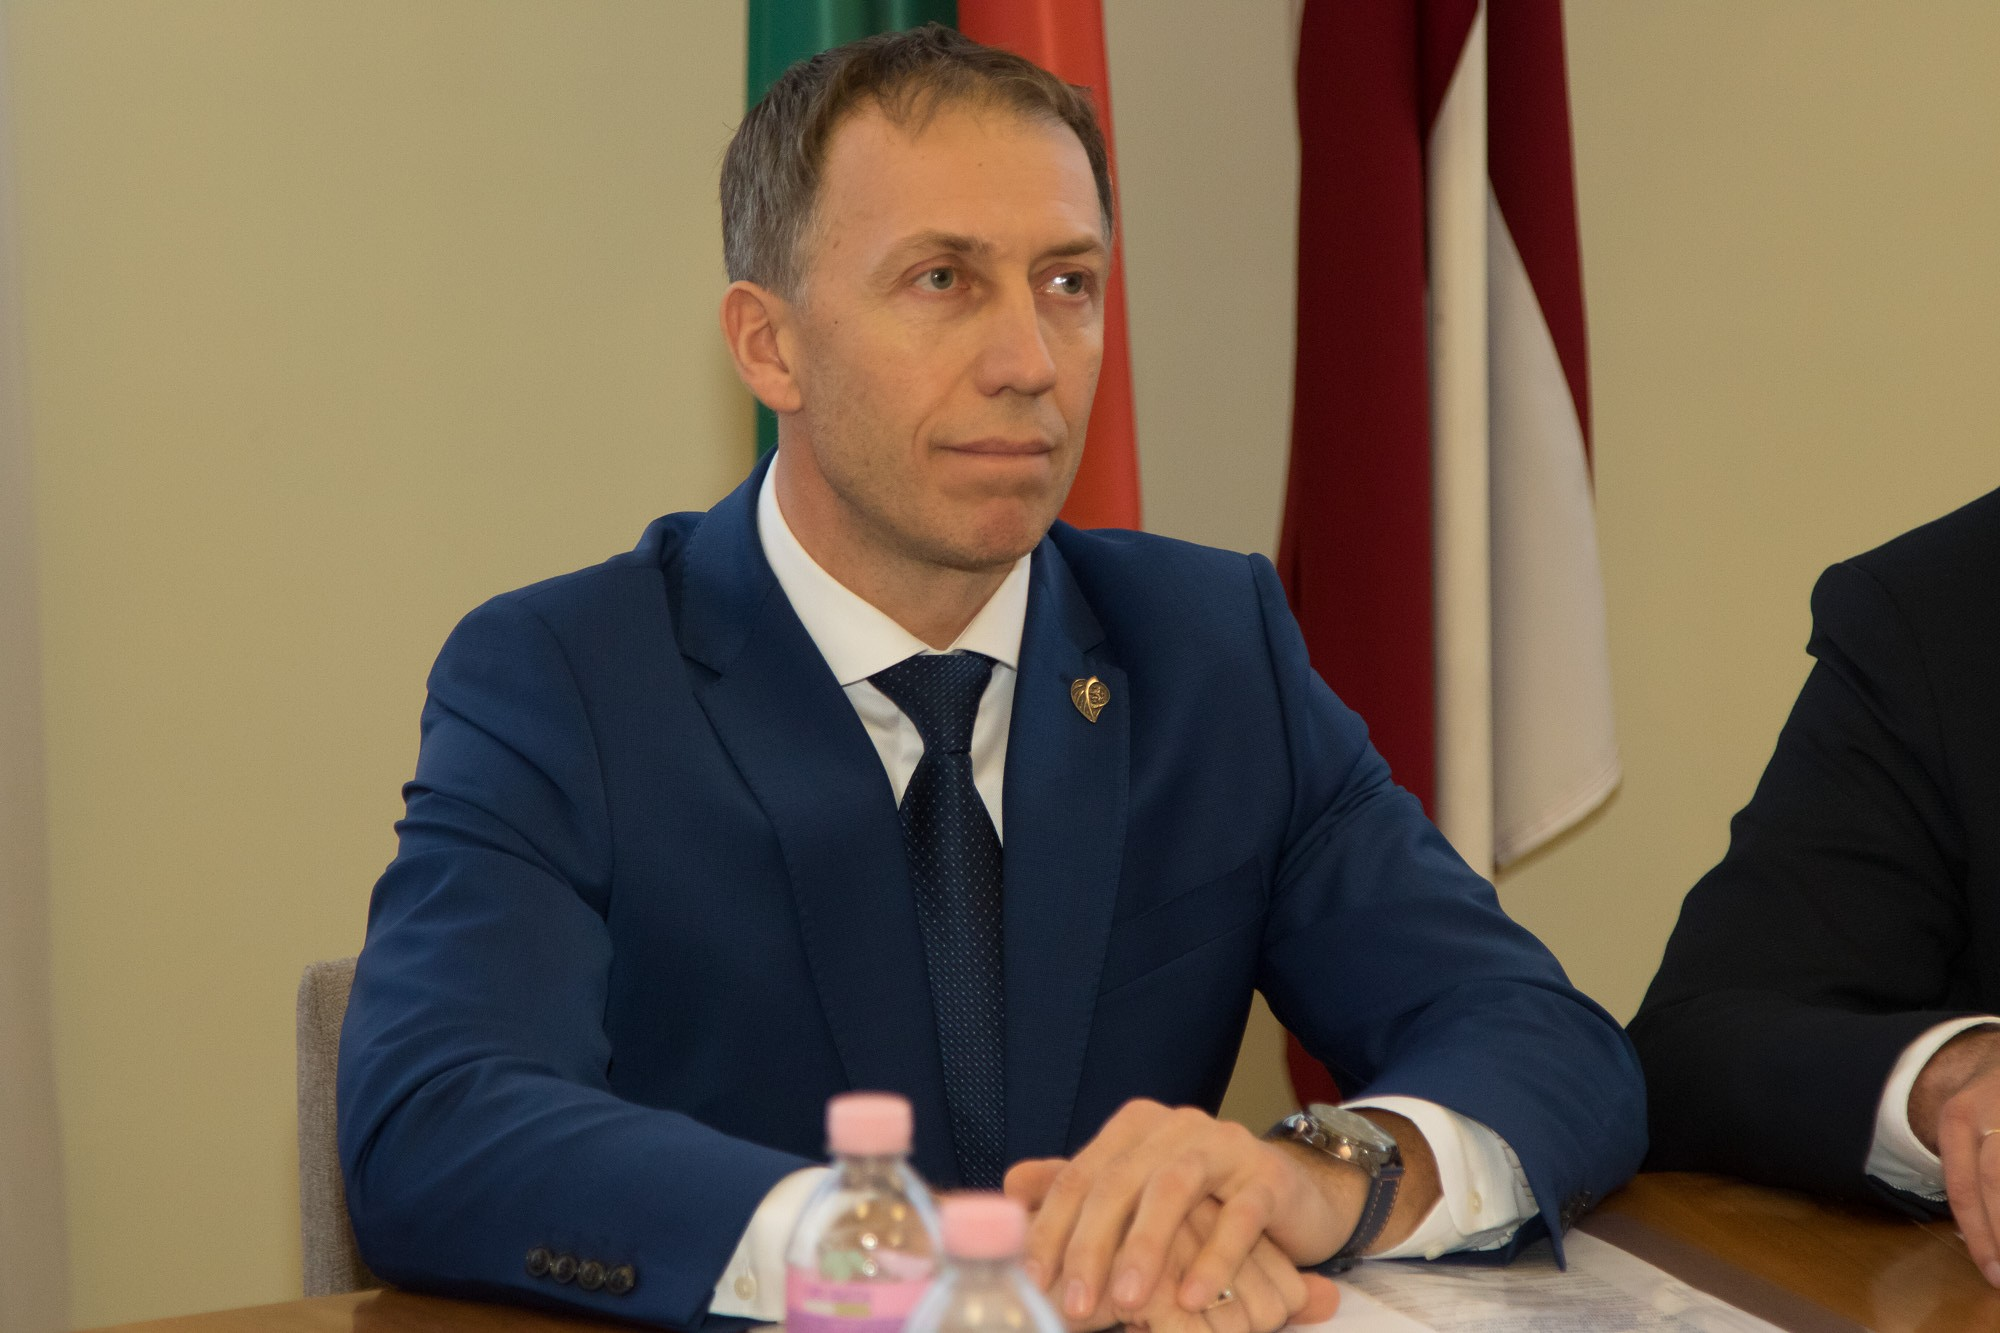 Янис Вилнитис: «Пока нет полной информации о возможных изменениях в налоговой сфере»